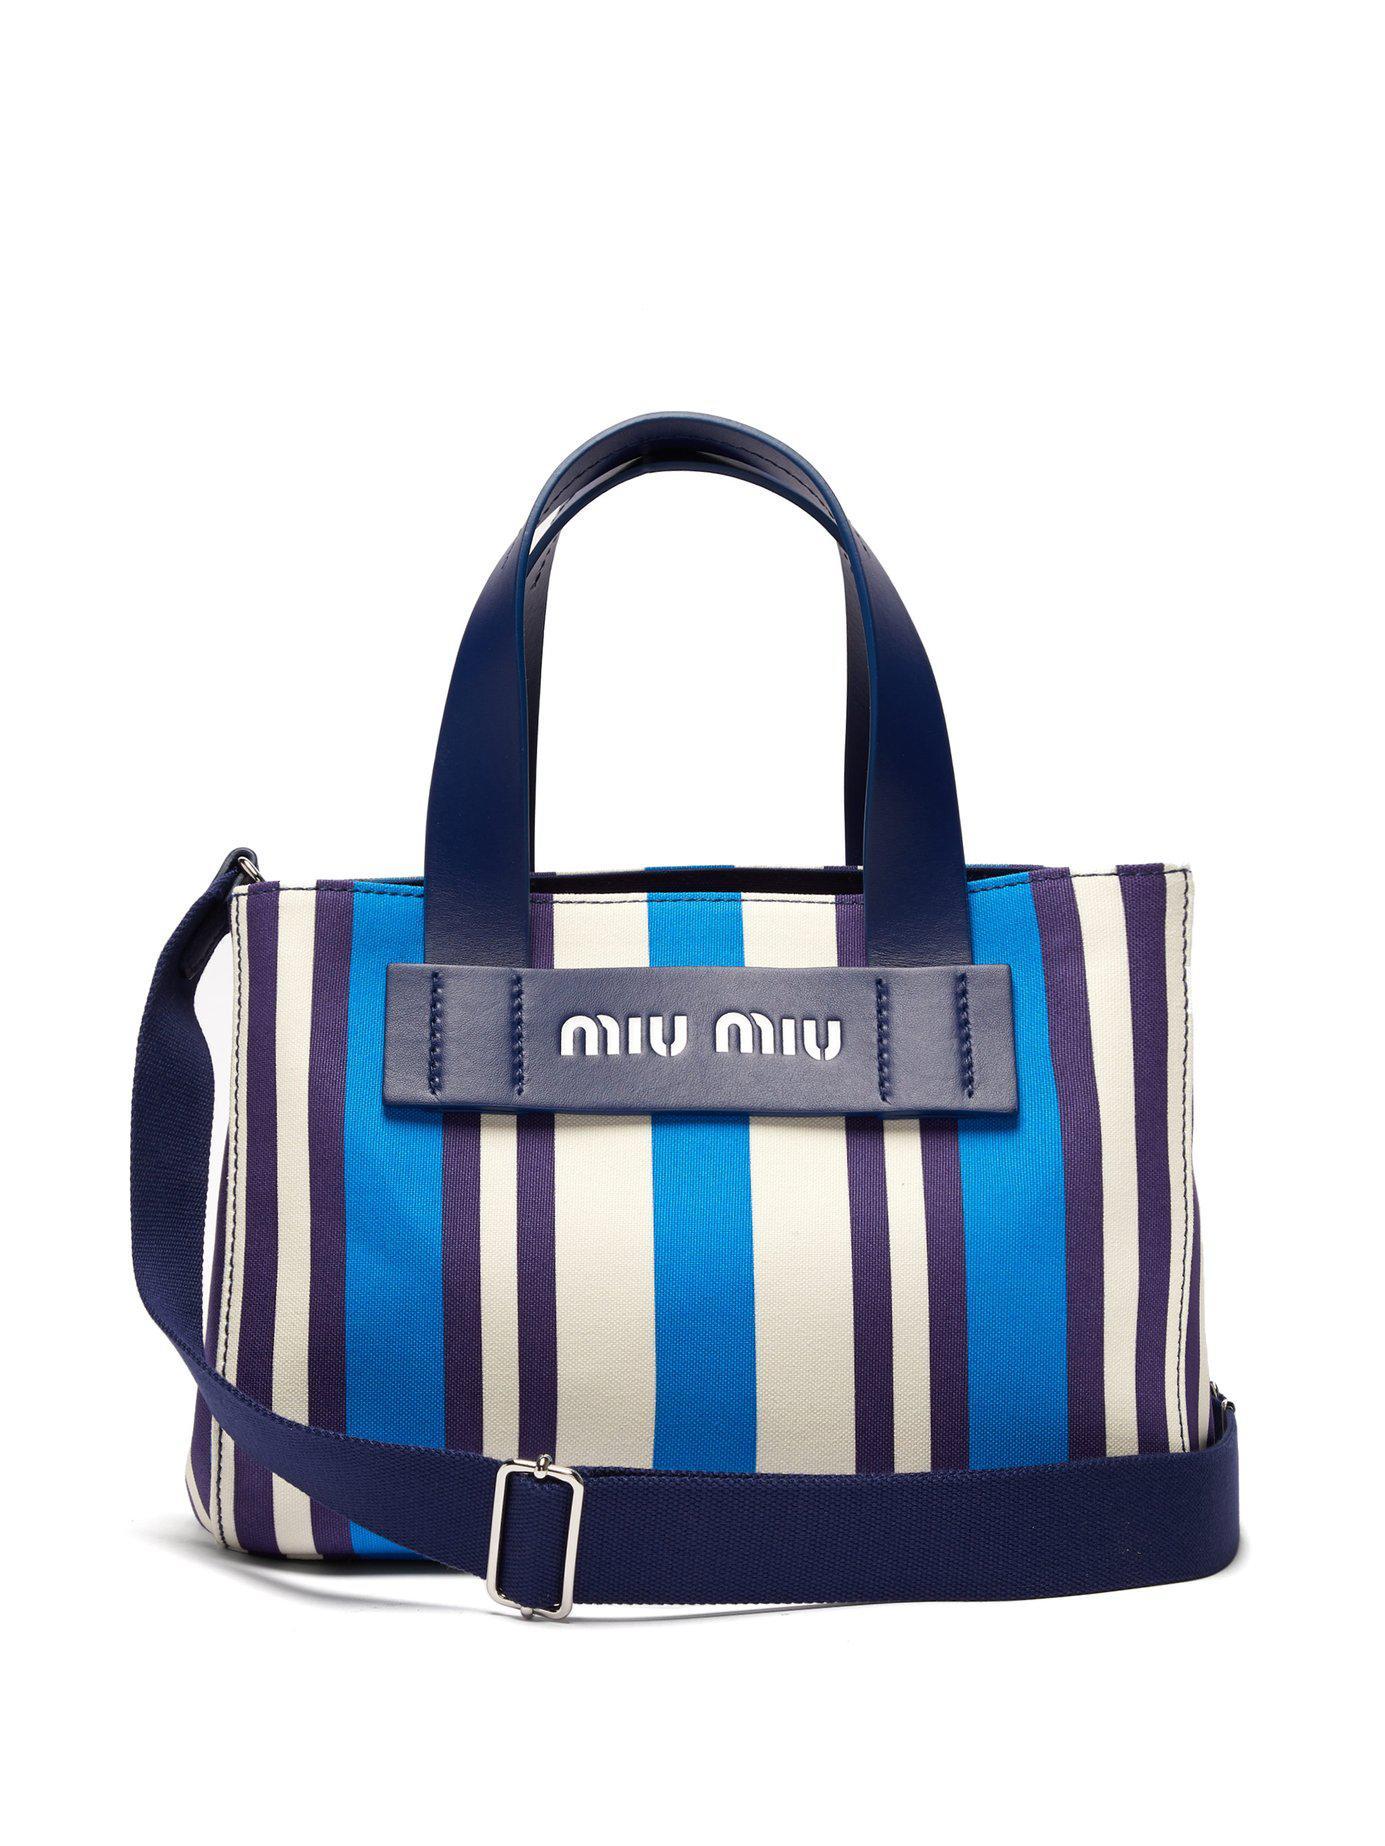 Lyst - Miu Miu Striped Canvas Beach Bag in Blue fed4170287ec5